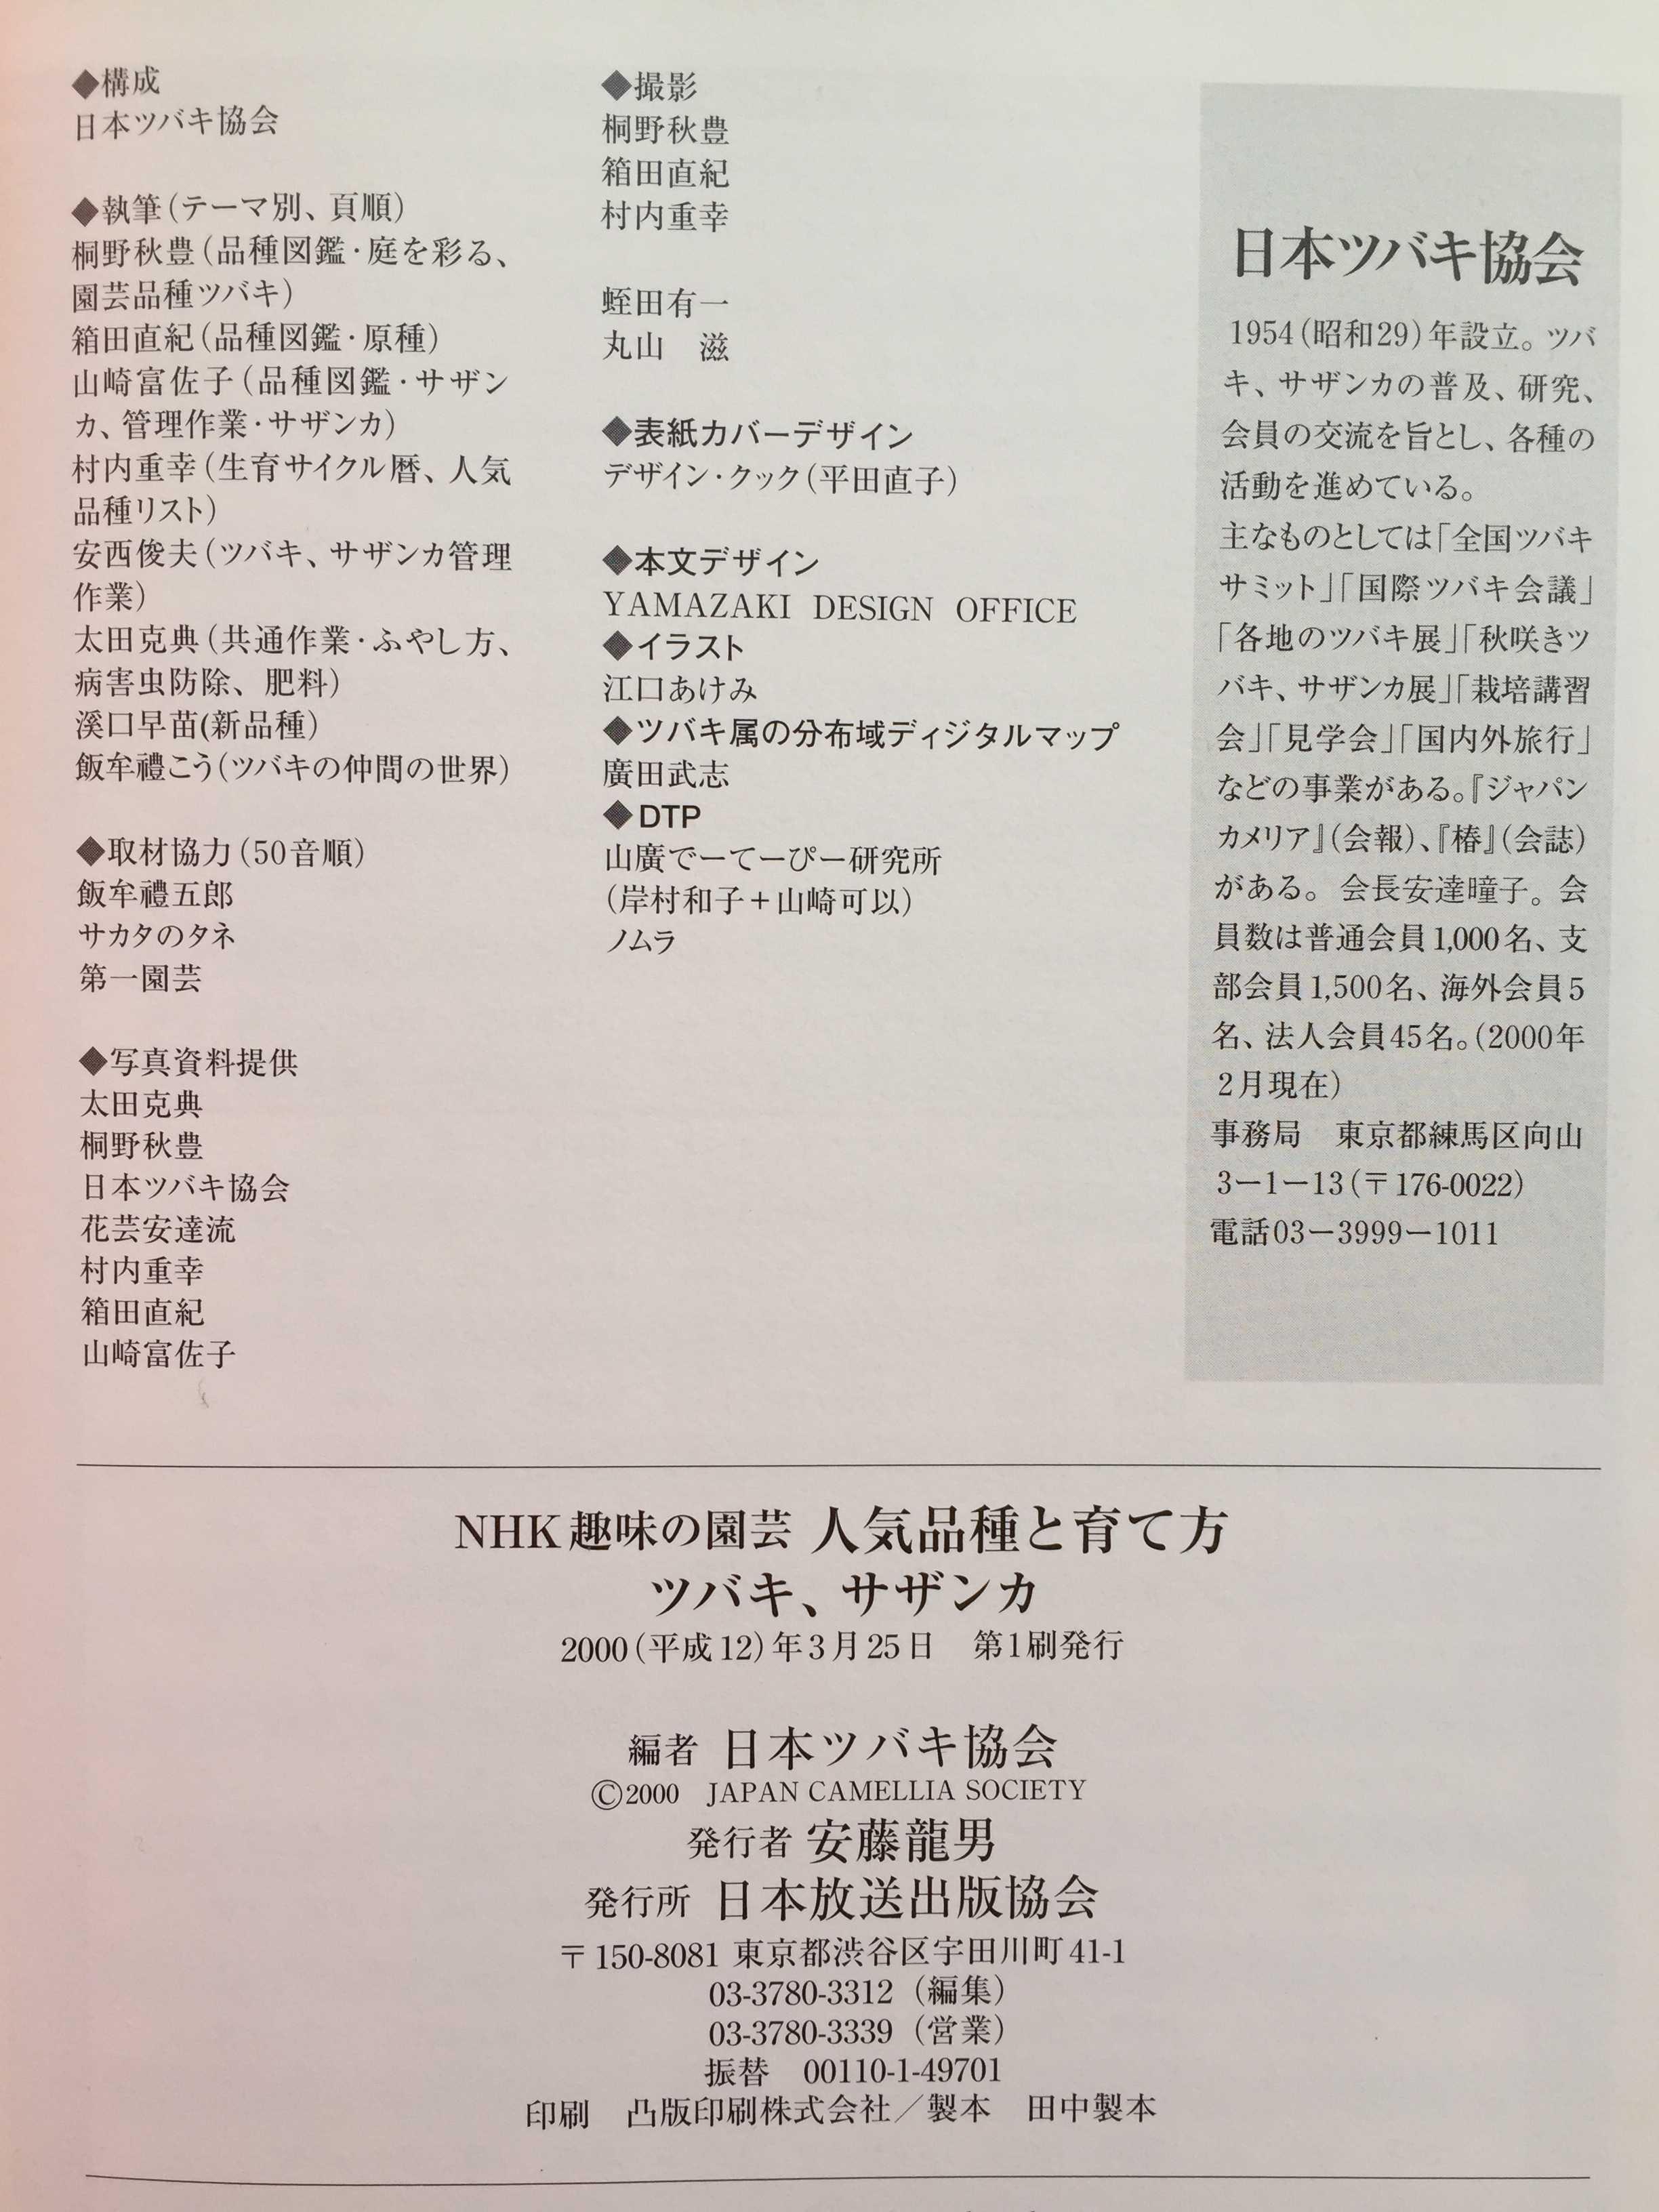 日本ツバキ協会 - JAPAN CAMELLIA SOCIETY